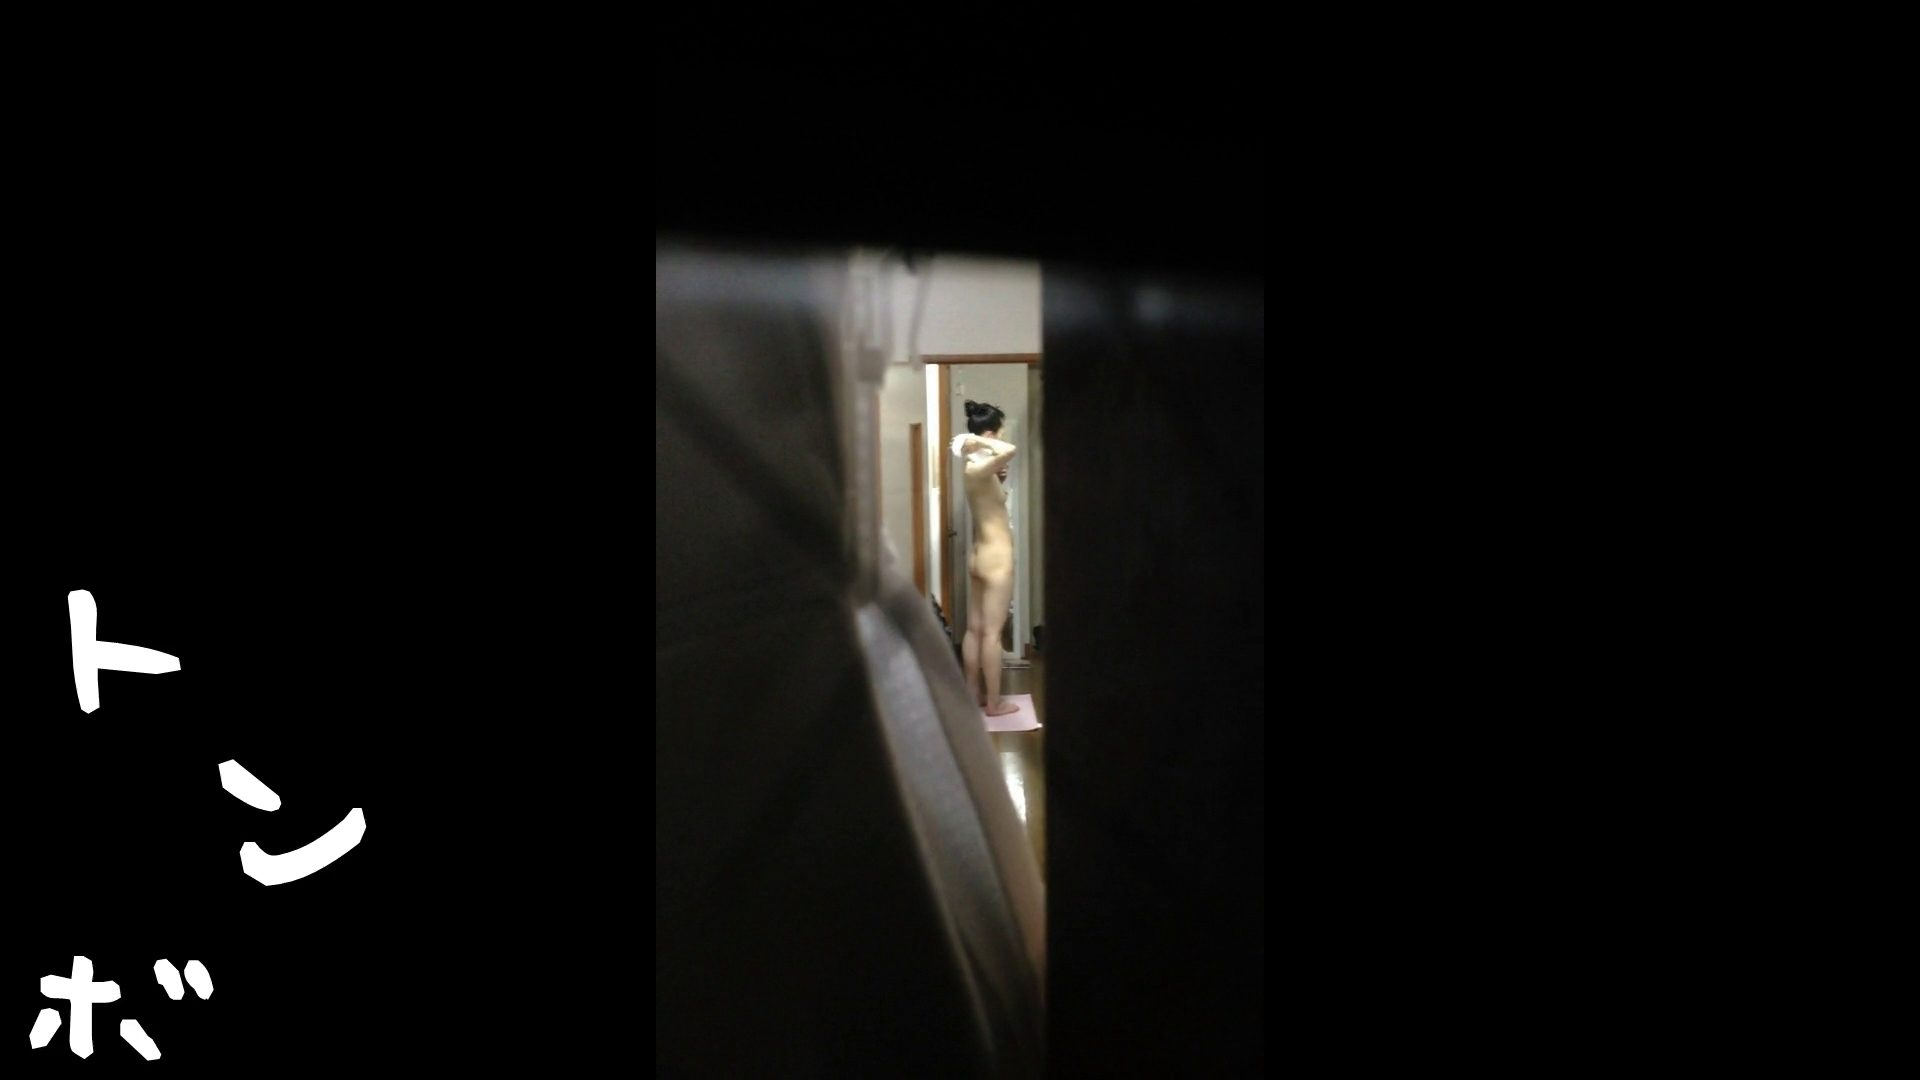 【リアル盗撮】元ジュディマリのYIUKI似 某歌手丸秘ヌード 潜入エロ調査   美女達のヌード  61連発 50